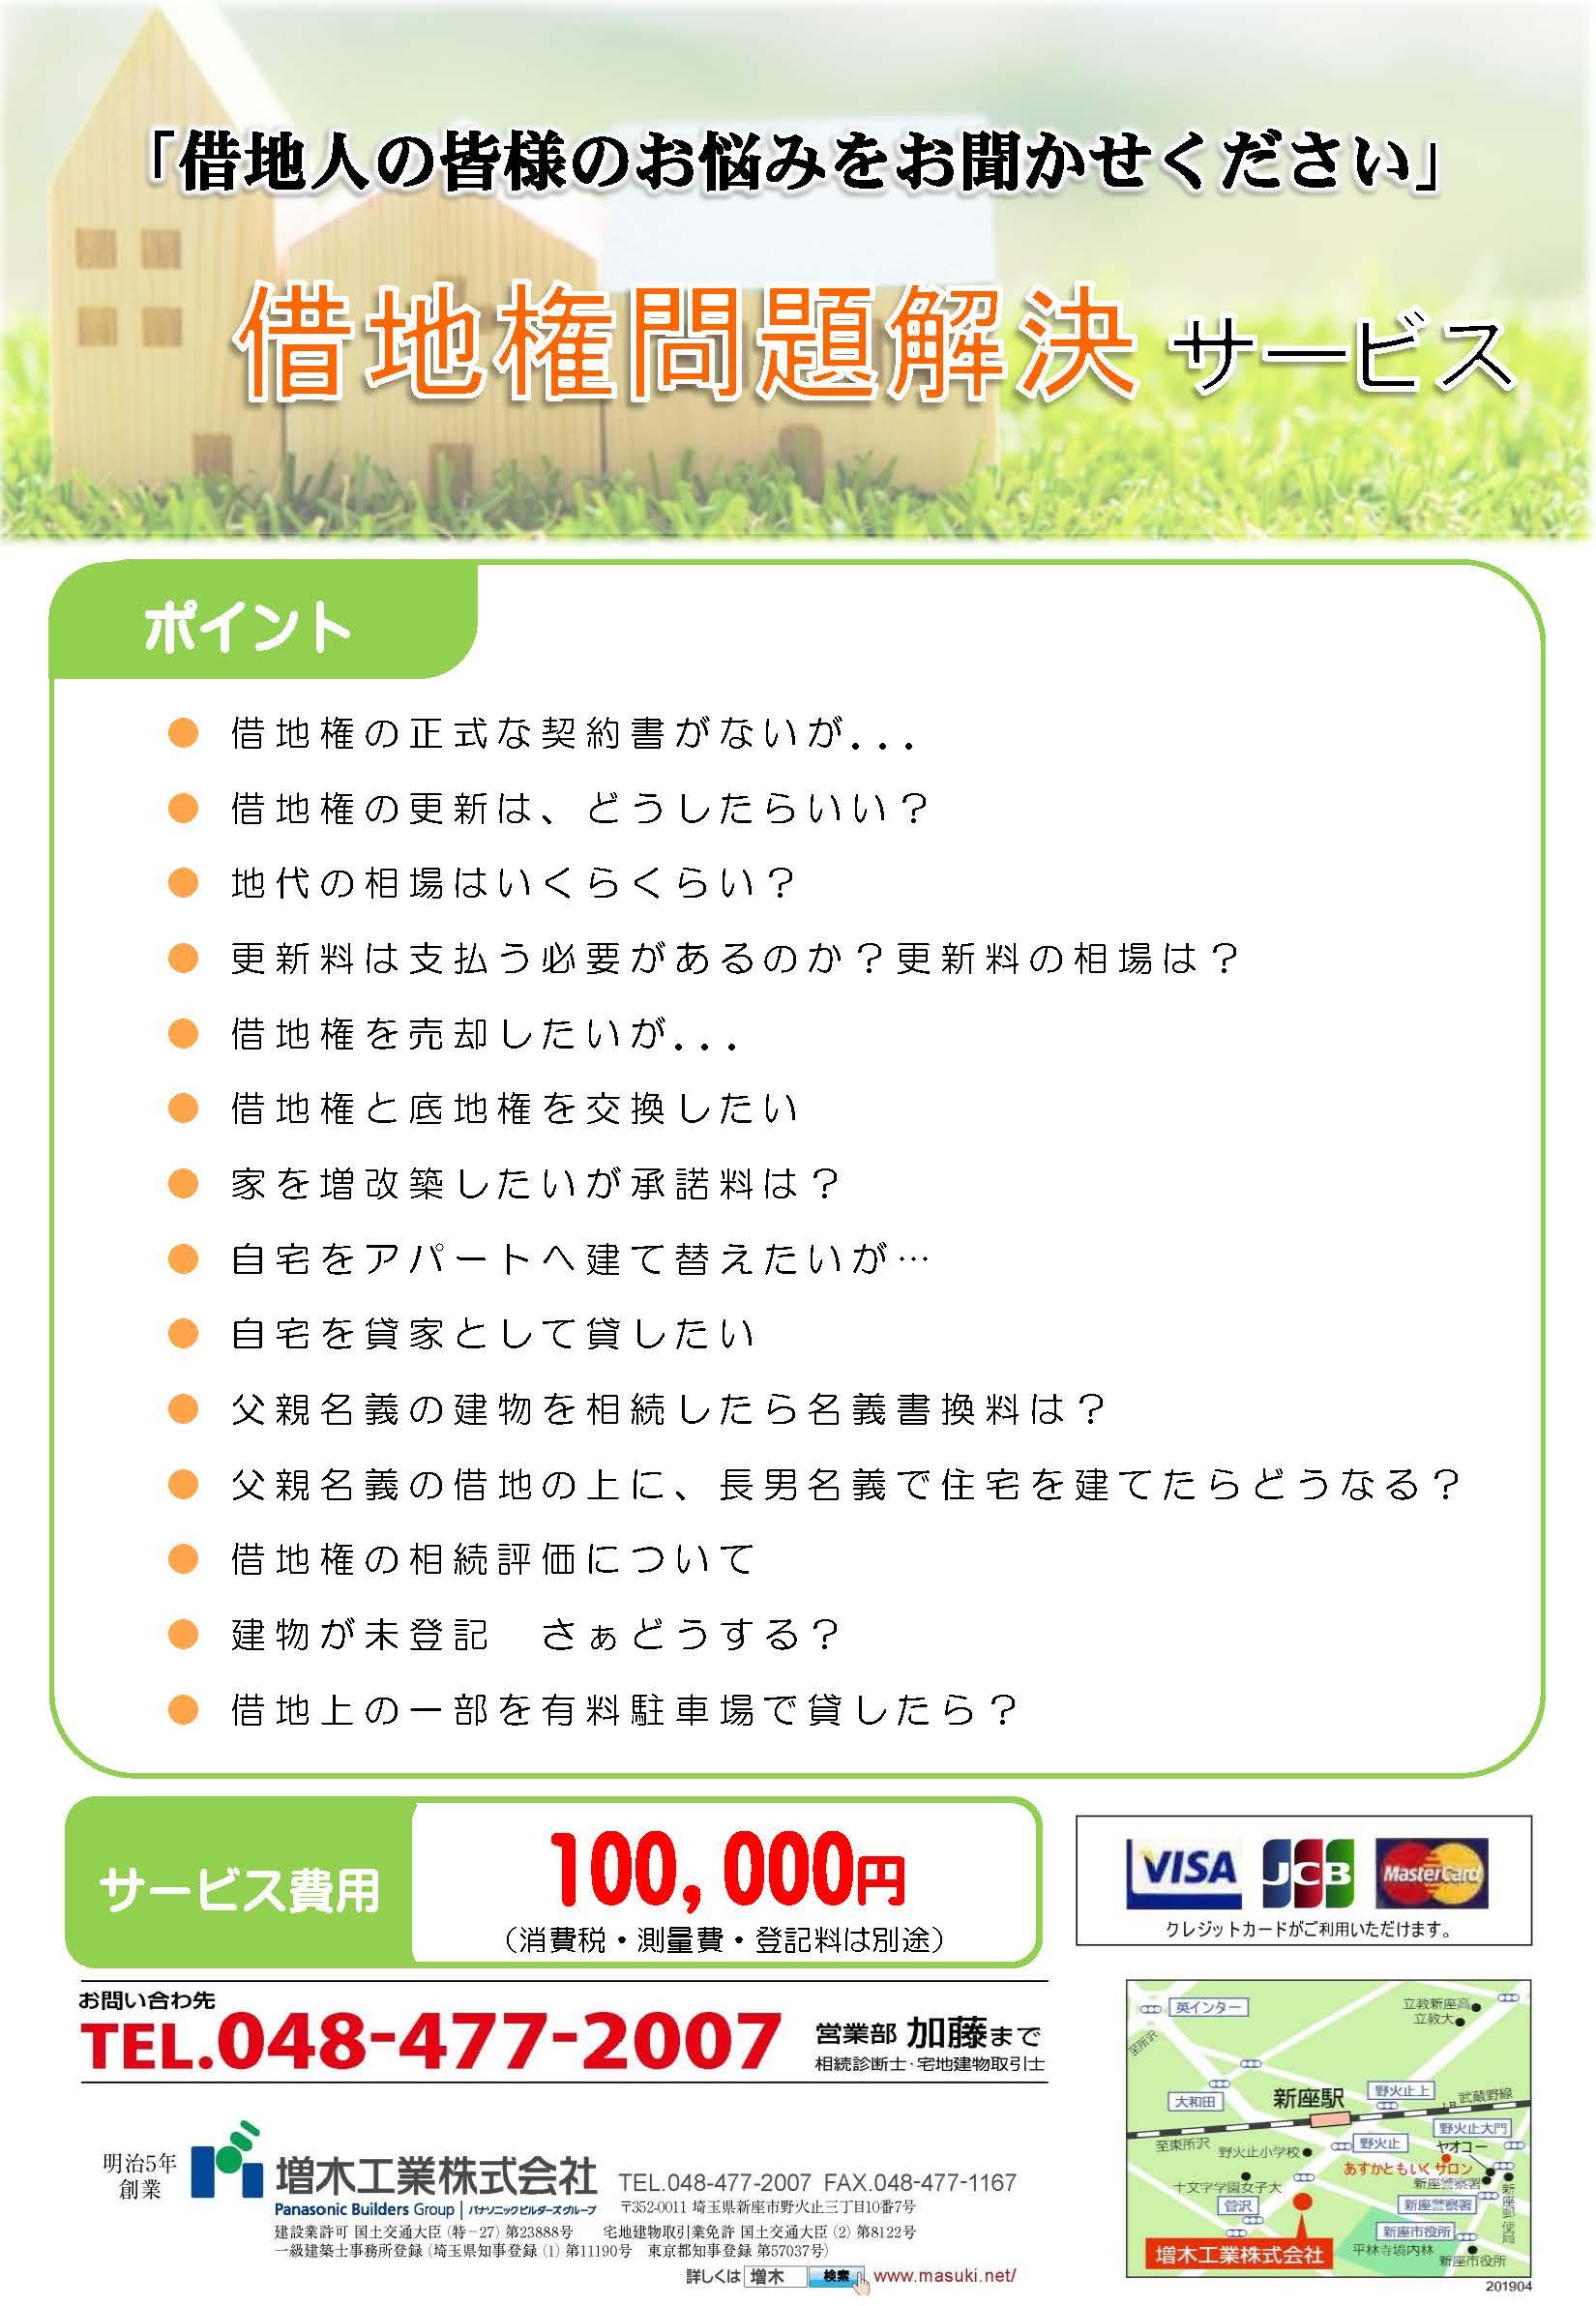 借地権問題解決サービス/10のイメージ